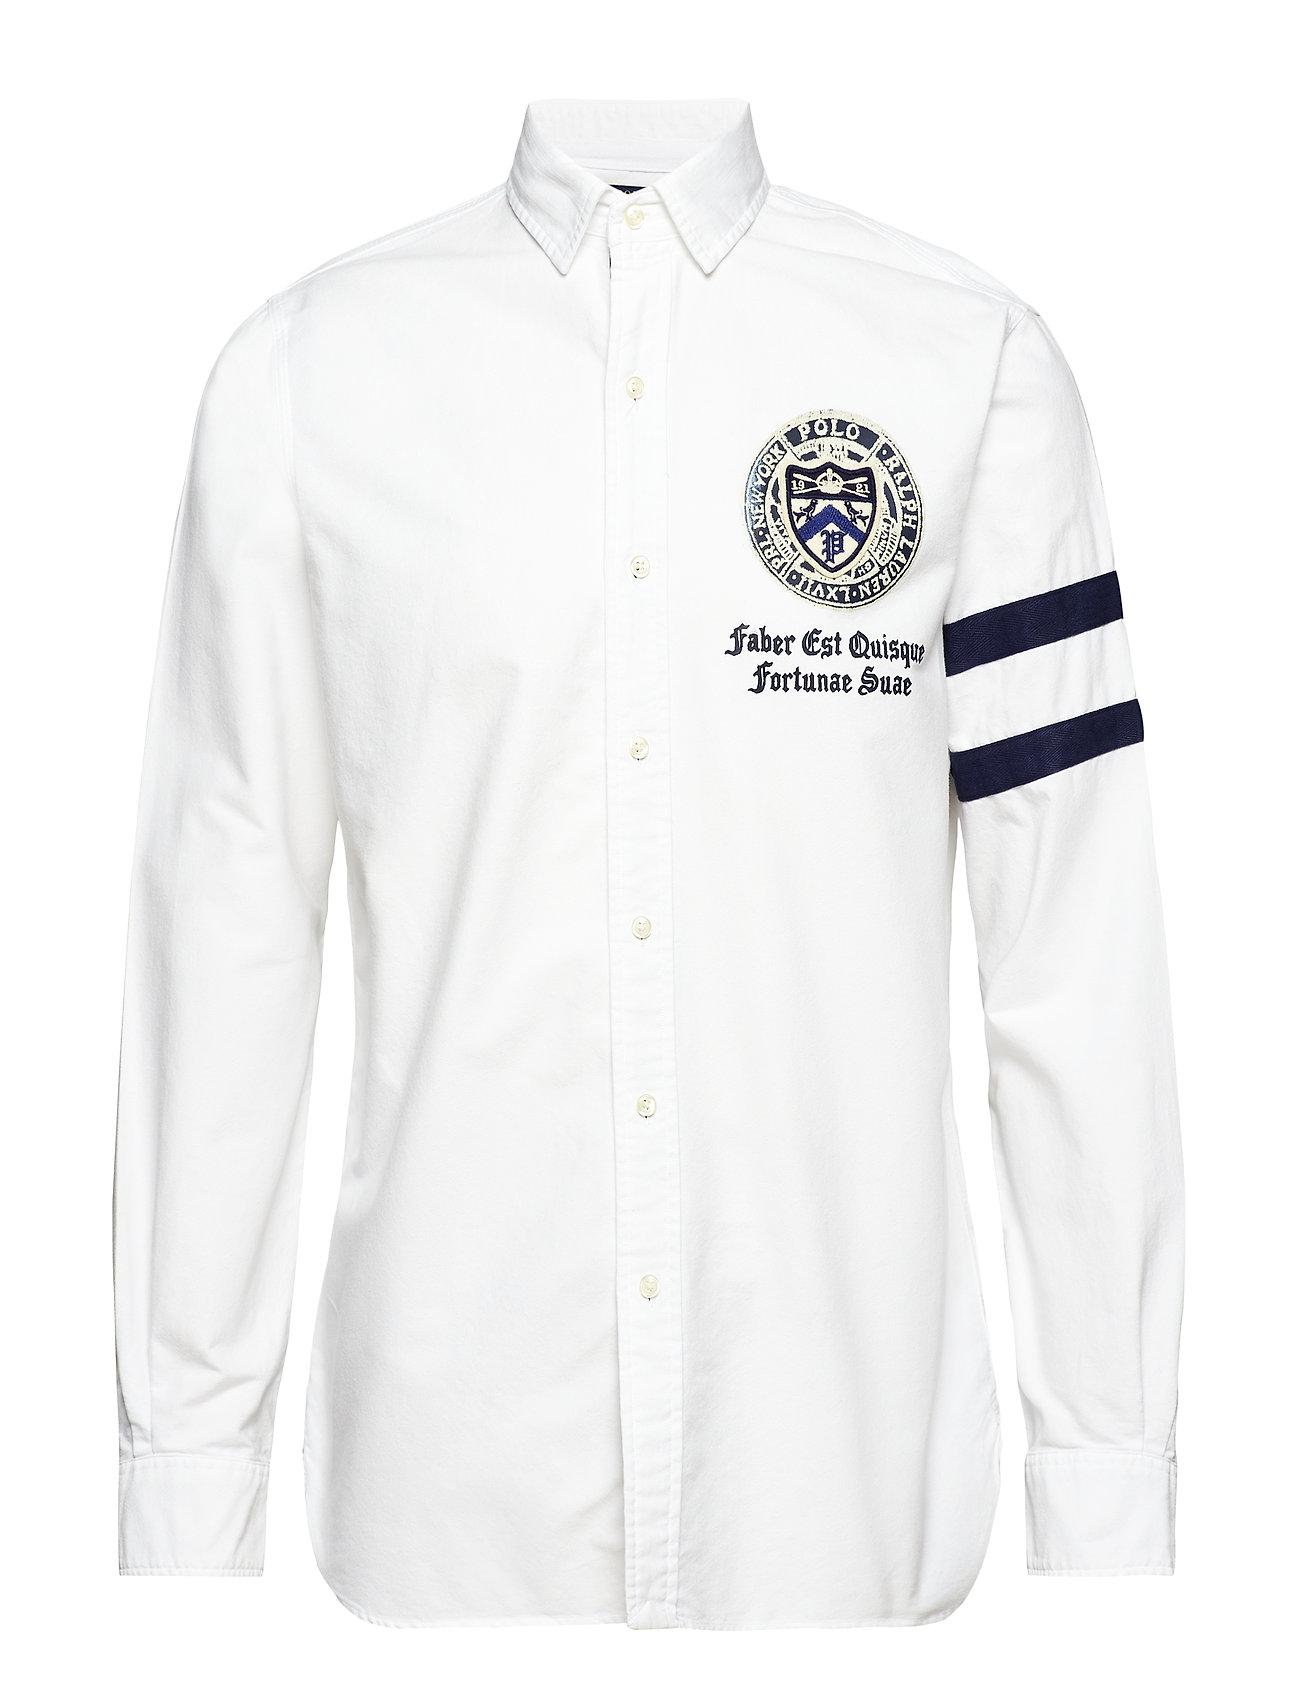 Shirt Shirt Classic Fit Shirt Classic Fit Fit Oxford Oxford Classic Classic Oxford Oxford Fit H2WDIE9Y